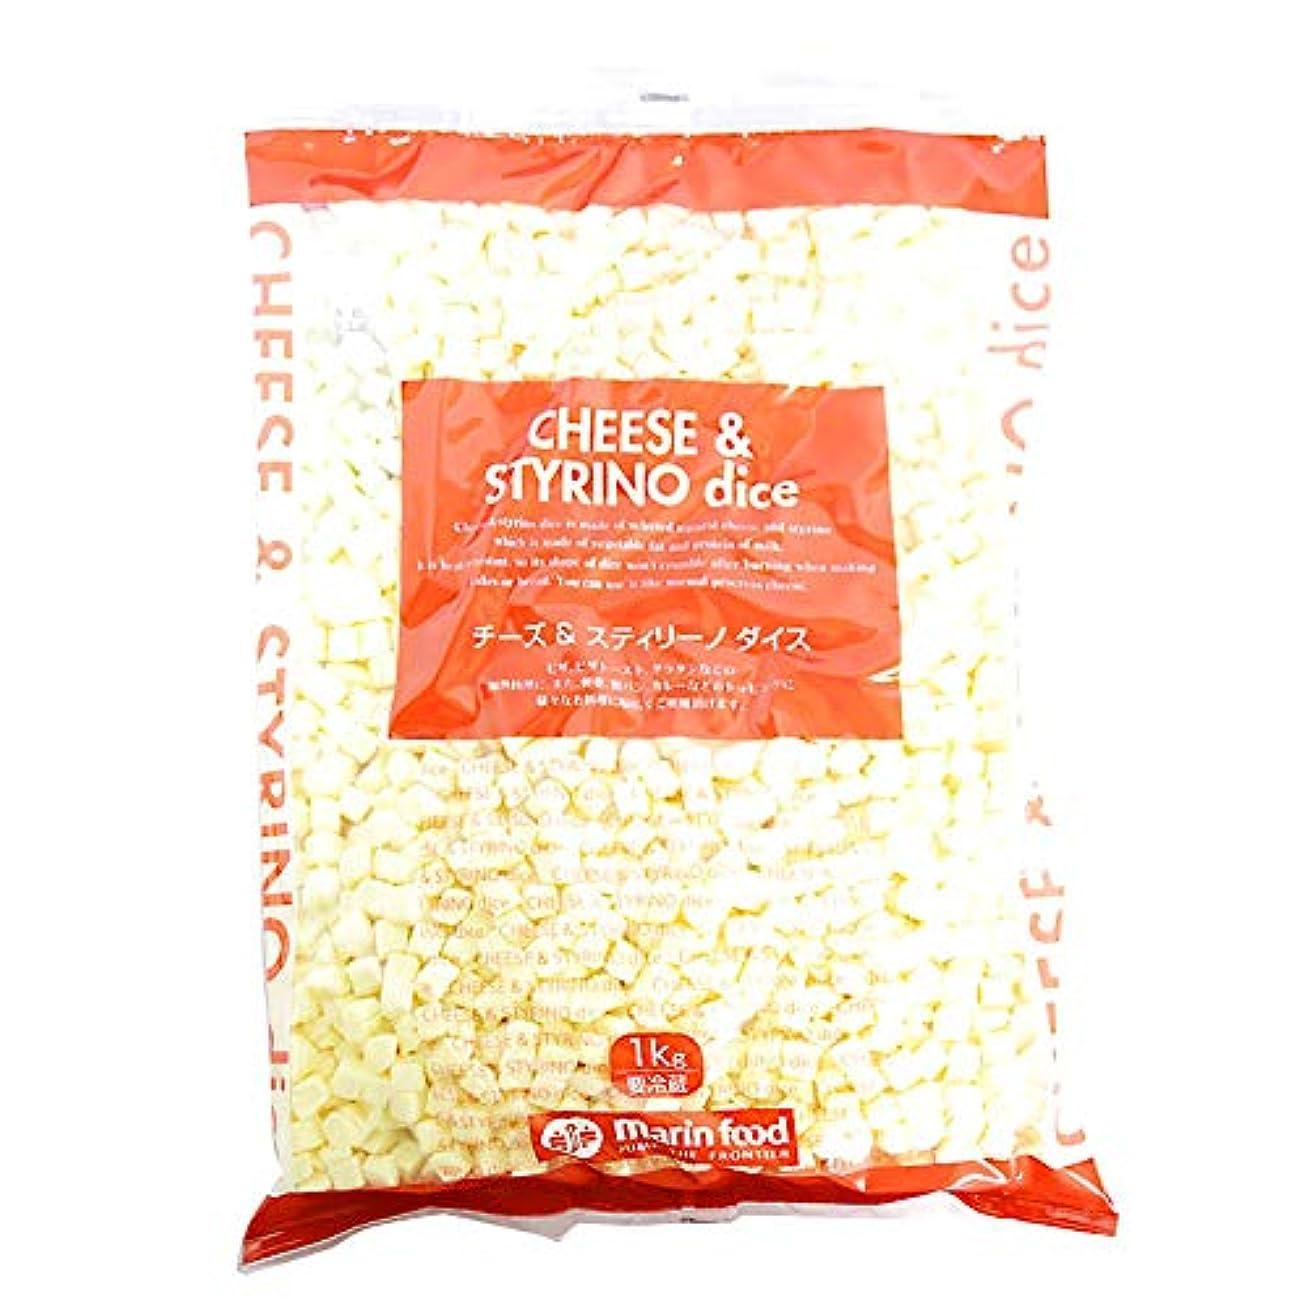 赤味鉄道駅【料理用】 マリンフード チーズ&スティリーノ ダイス 1kg 8mm プロセスチーズ